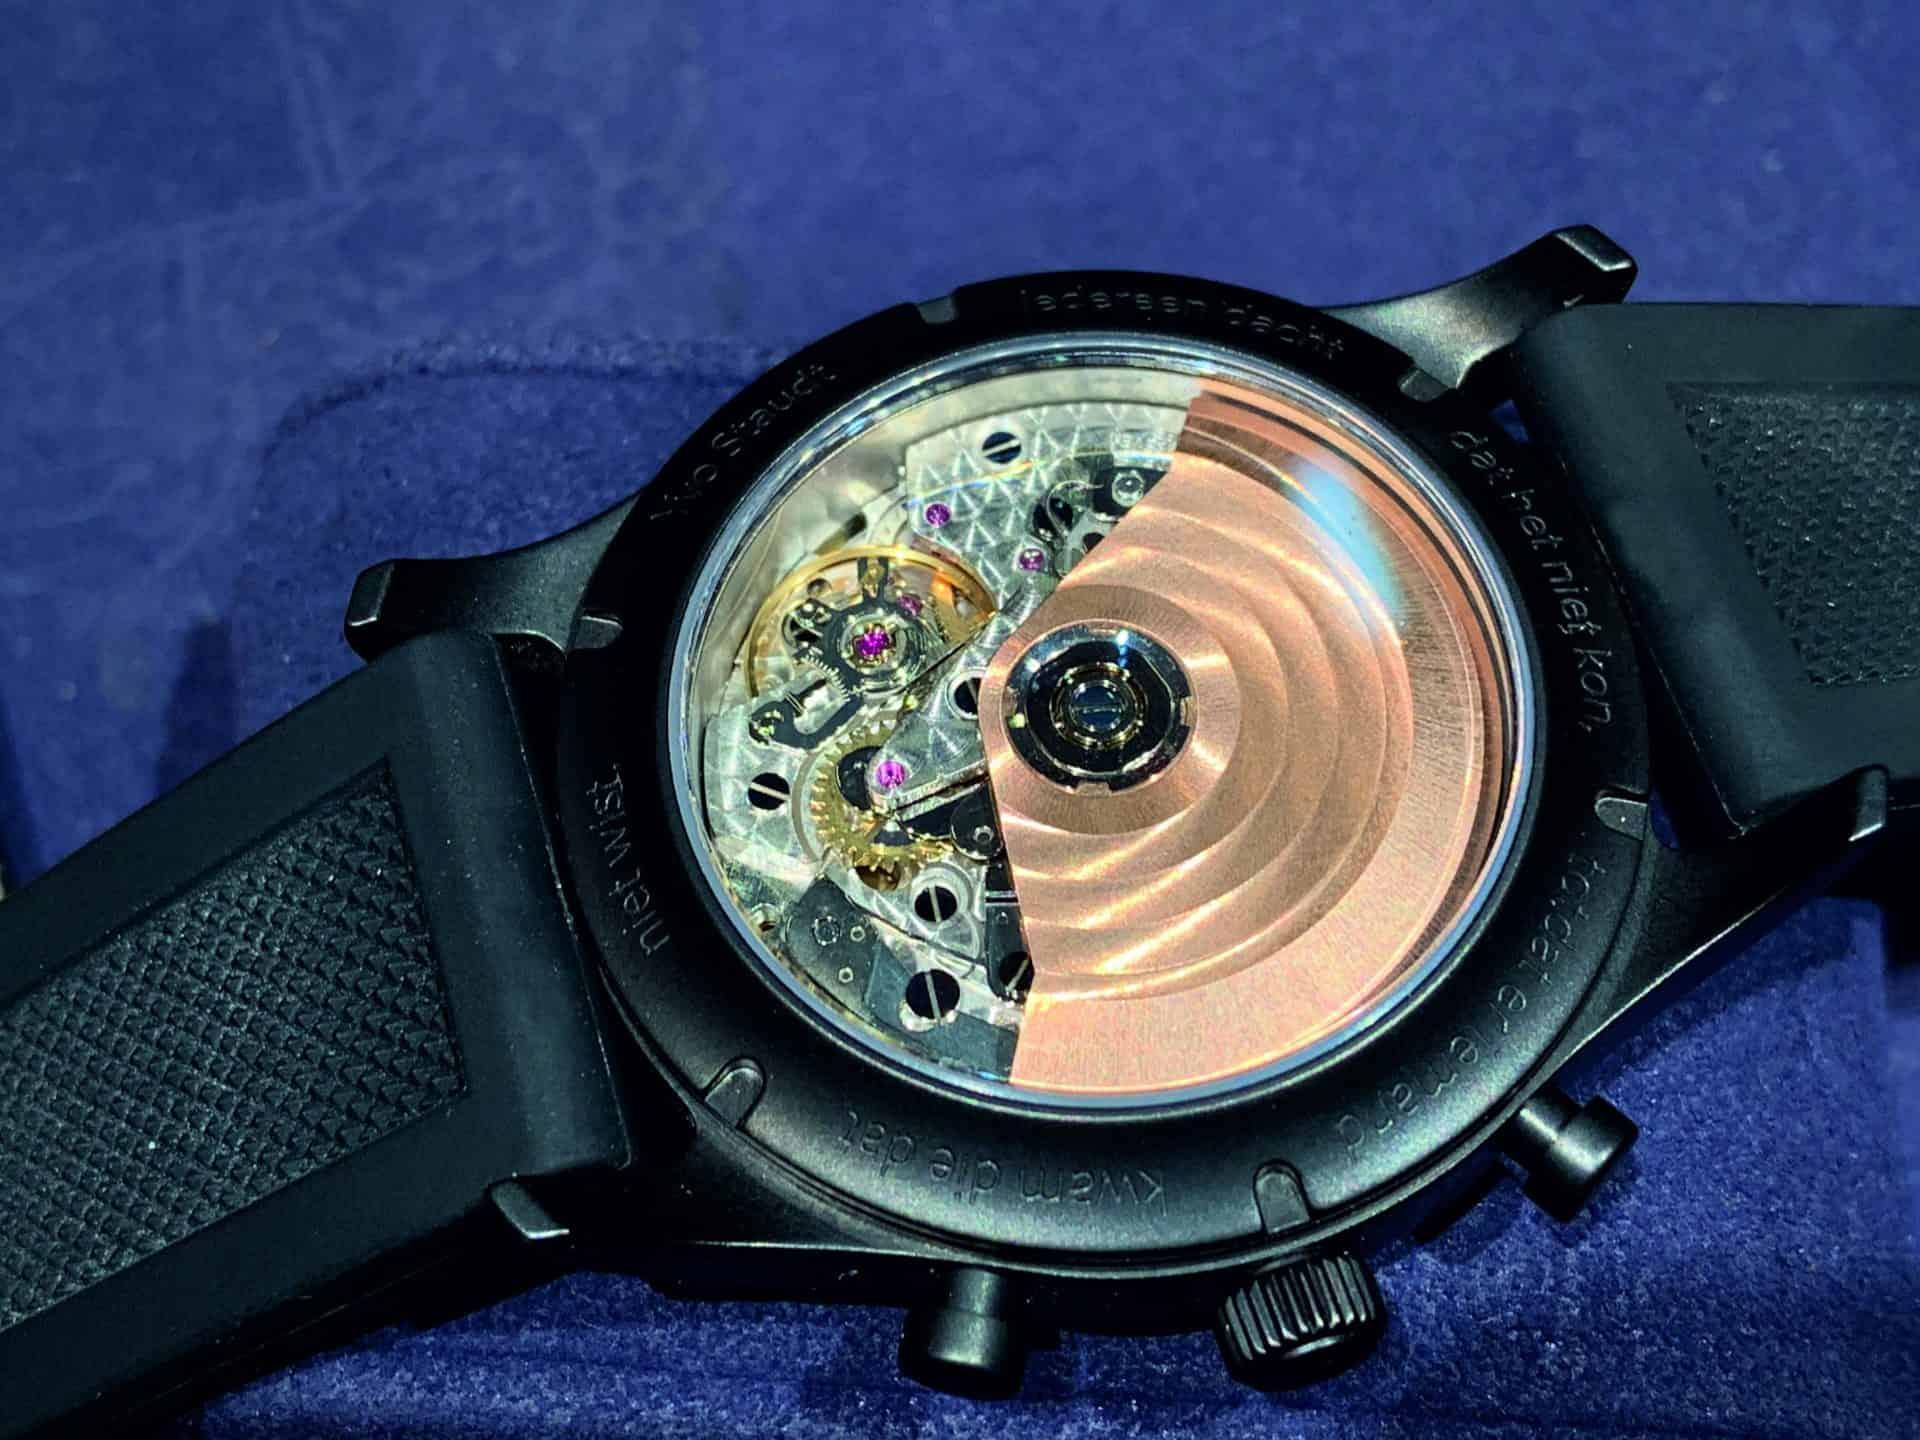 """Ein Edel-Eta-Werk: Das Automatikkaliber 7753 im Yvo Staudt """"Praeleudium Chronograph Black Edition"""""""